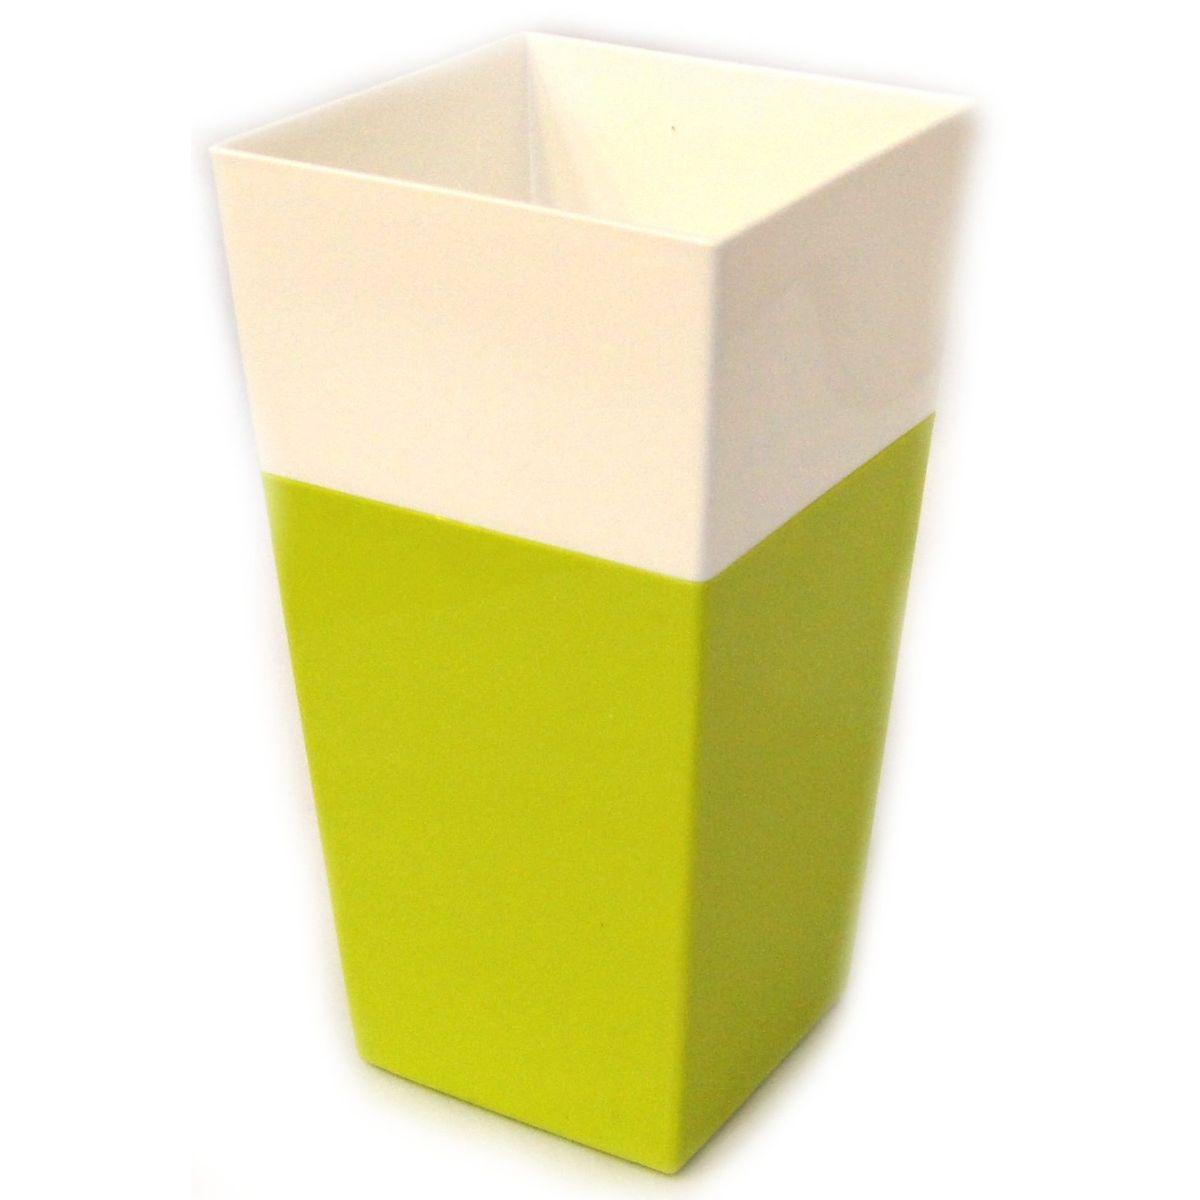 Кашпо JetPlast Дуэт, цвет: фисташковый, белый, высота 26 см4612754052059Кашпо имеет строгий дизайн и состоит из двух частей: верхней части для цветка и нижней – поддона. Конструкция горшка позволяет, при желании, использовать систему фитильного полива, снабдив горшок веревкой. Оно изготовлено из прочного полипропилена (пластика). Размеры кашпо: 13 x 13 x 26 см.